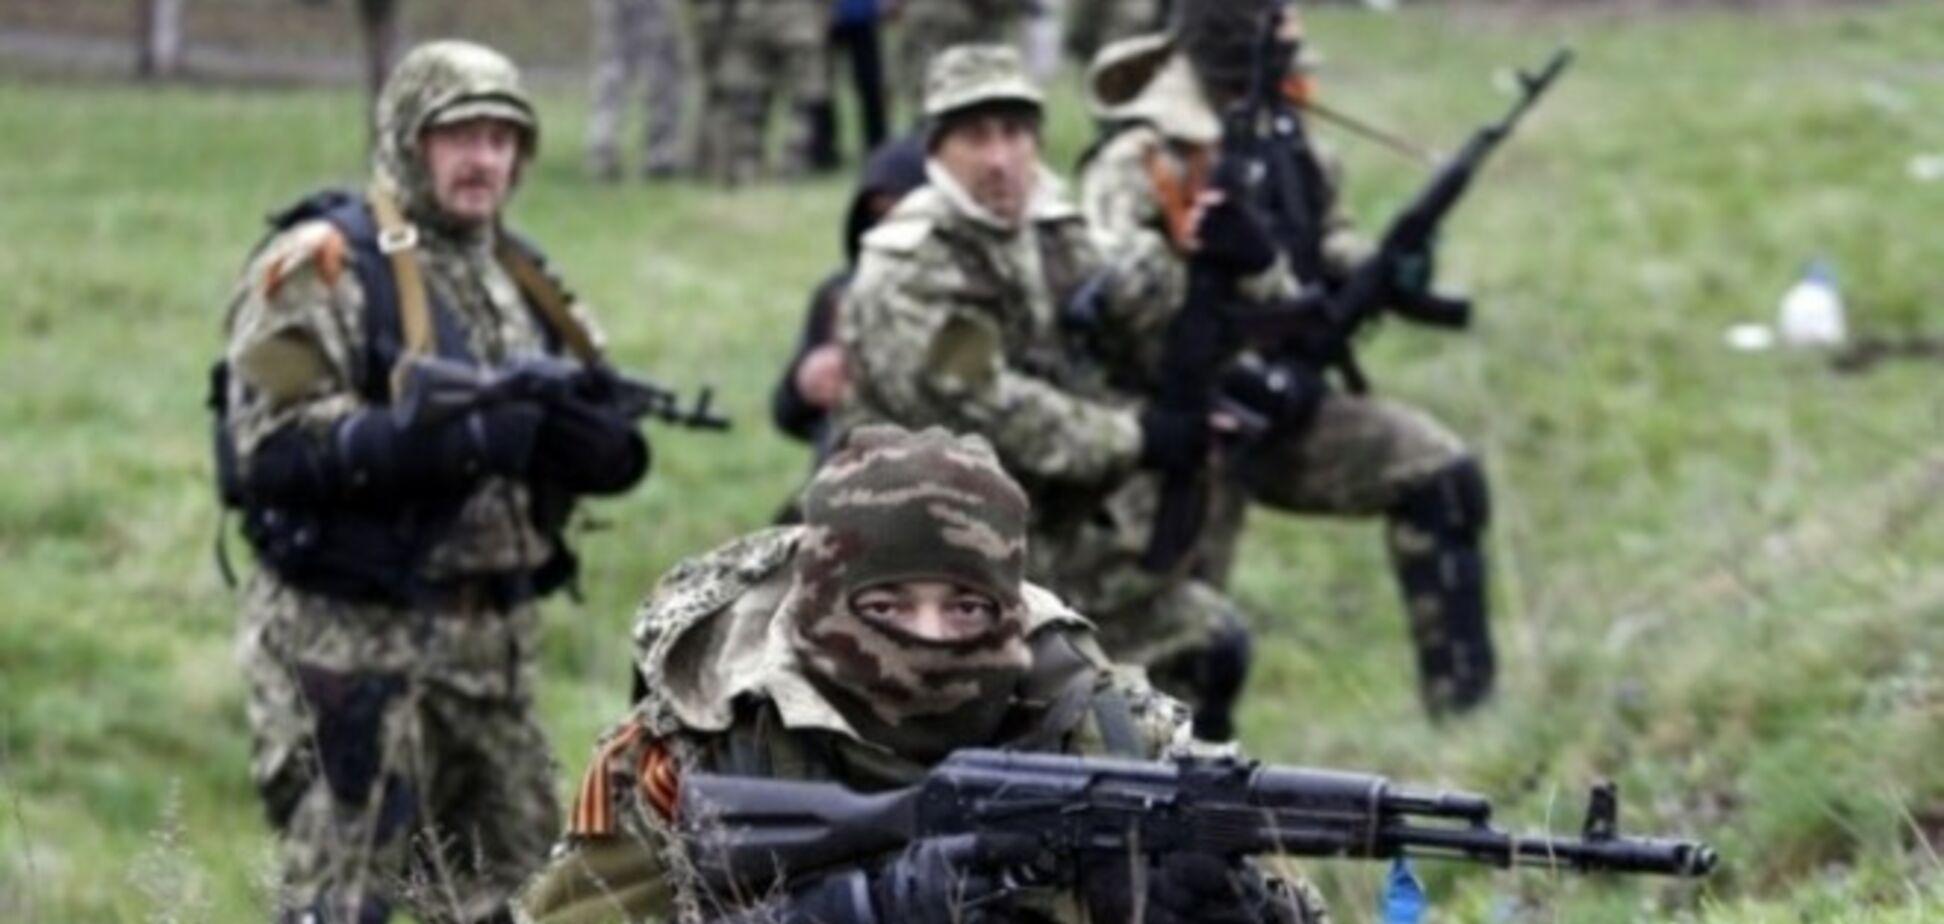 Пригород Славянска обстреляли зажигательными бомбами – российские СМИ